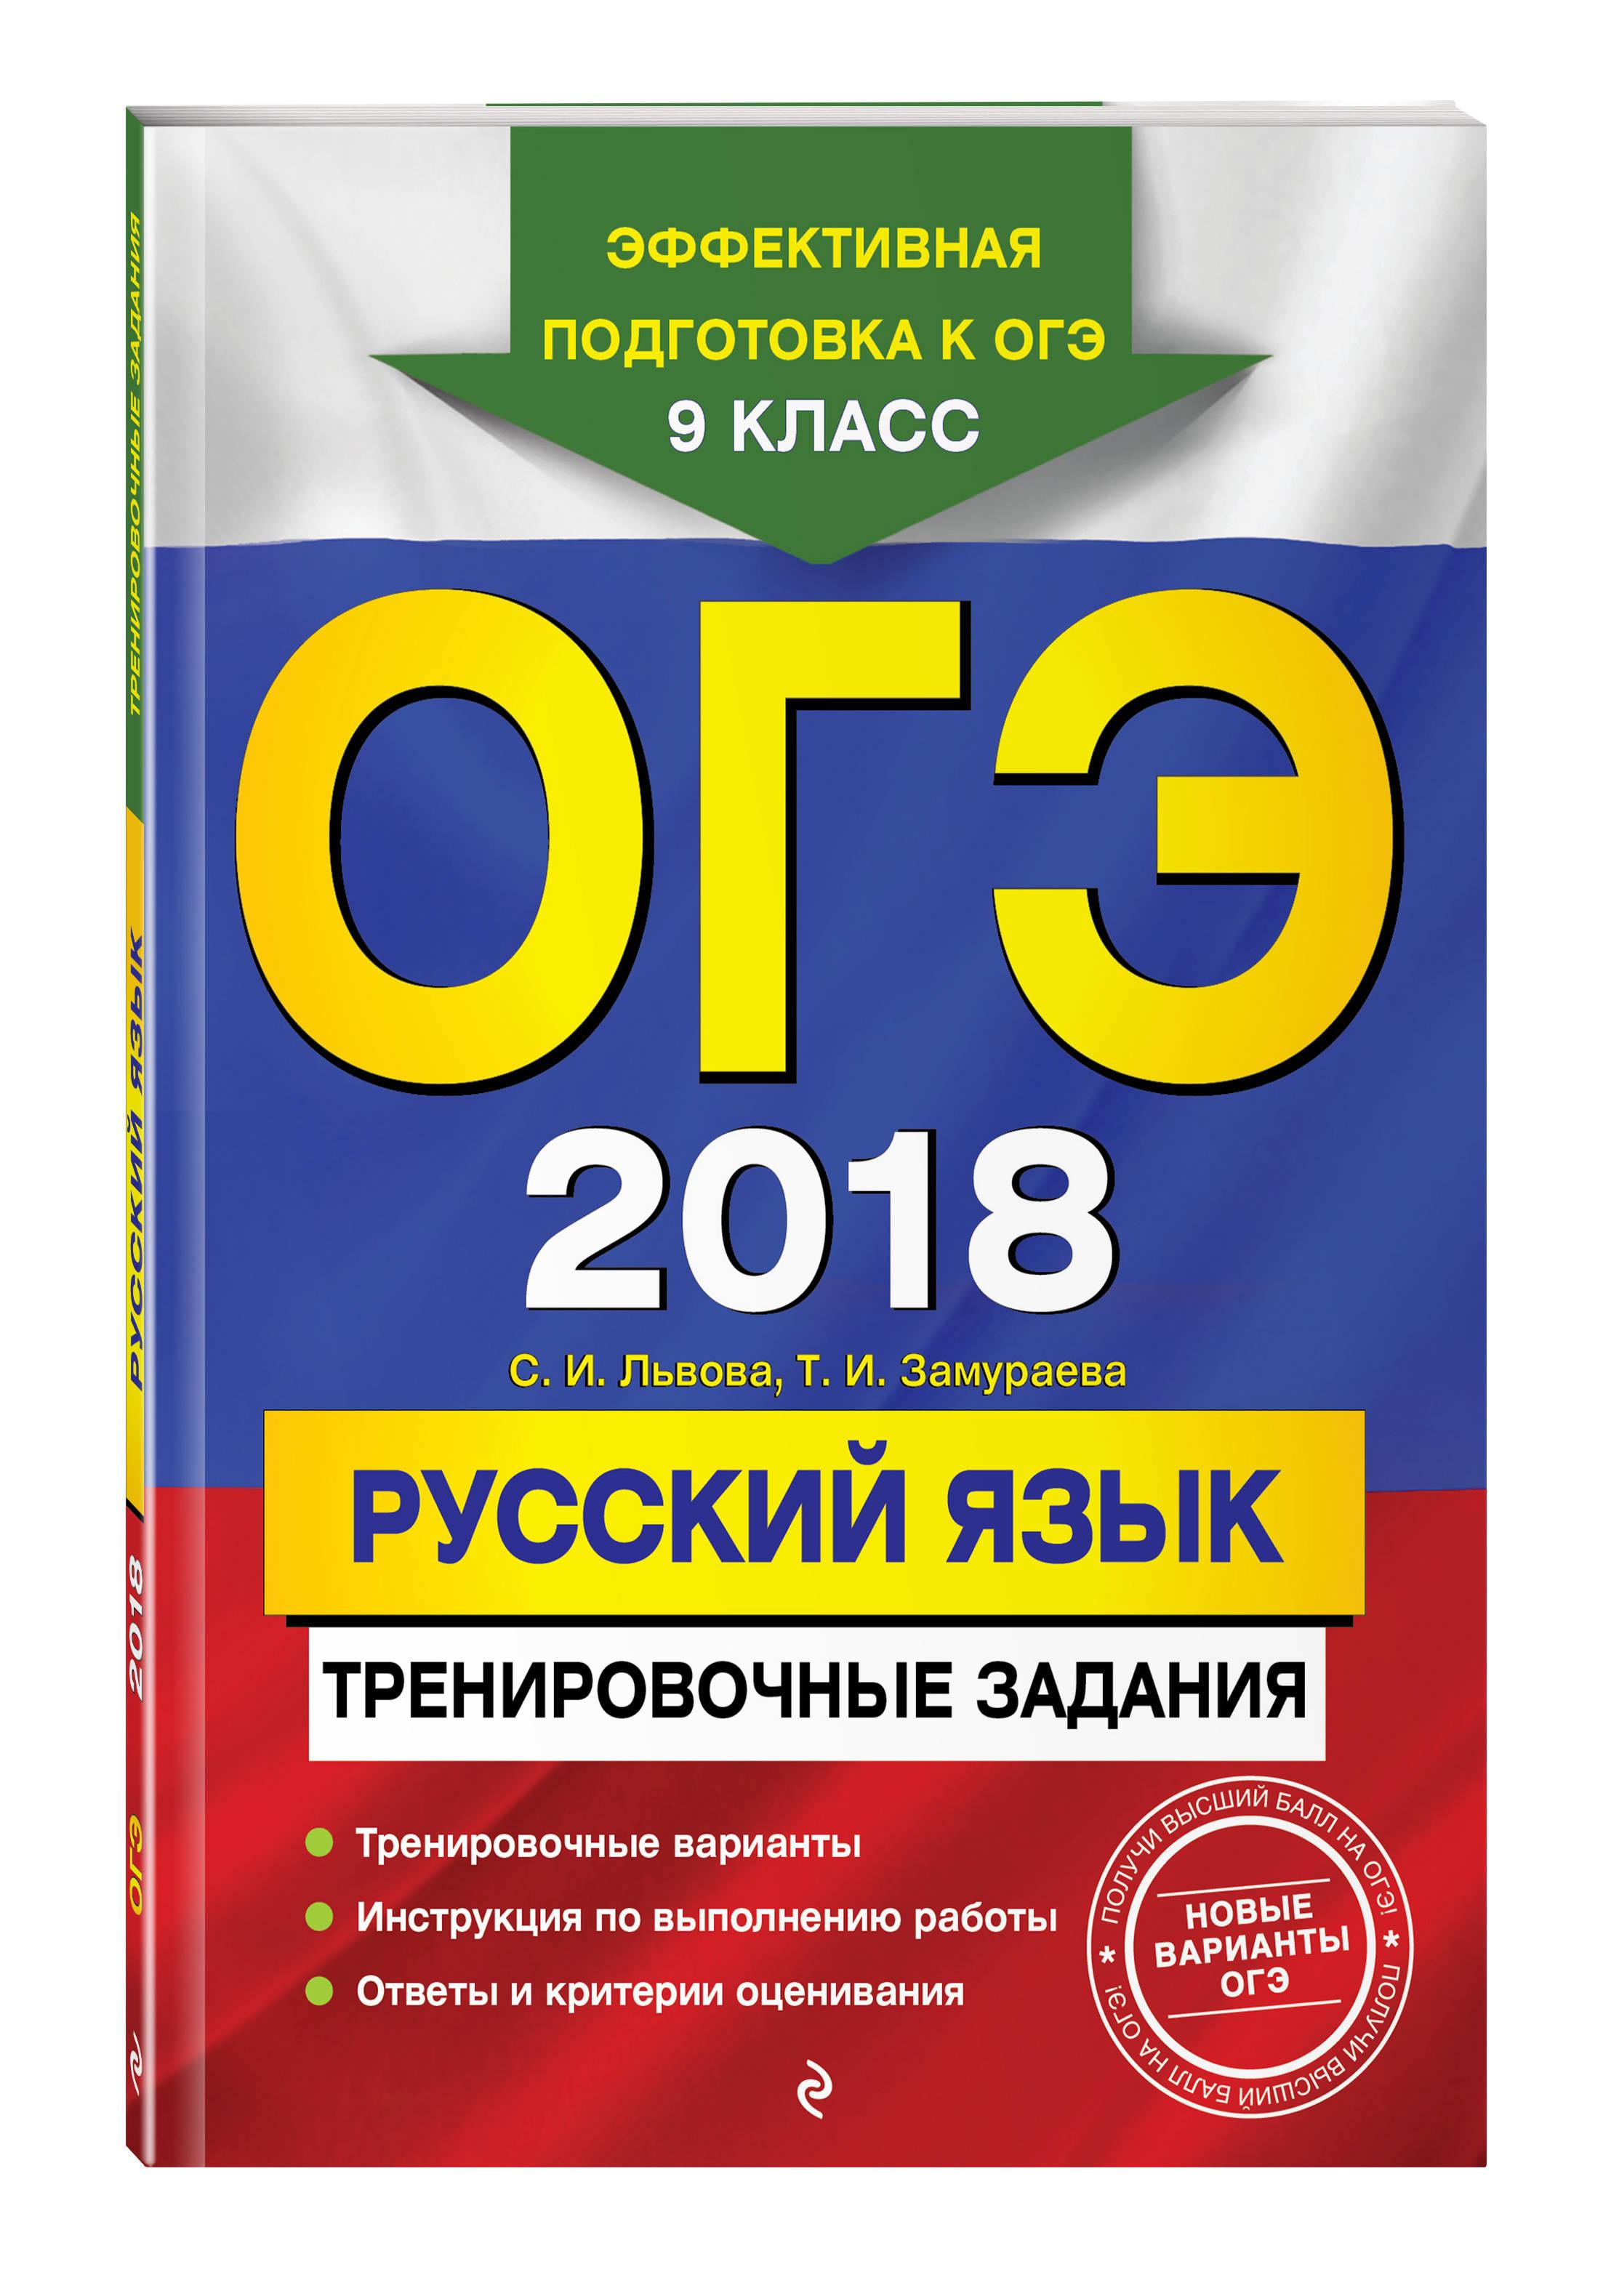 ОГЭ-2018. Русский язык: тренировочные задания от book24.ru